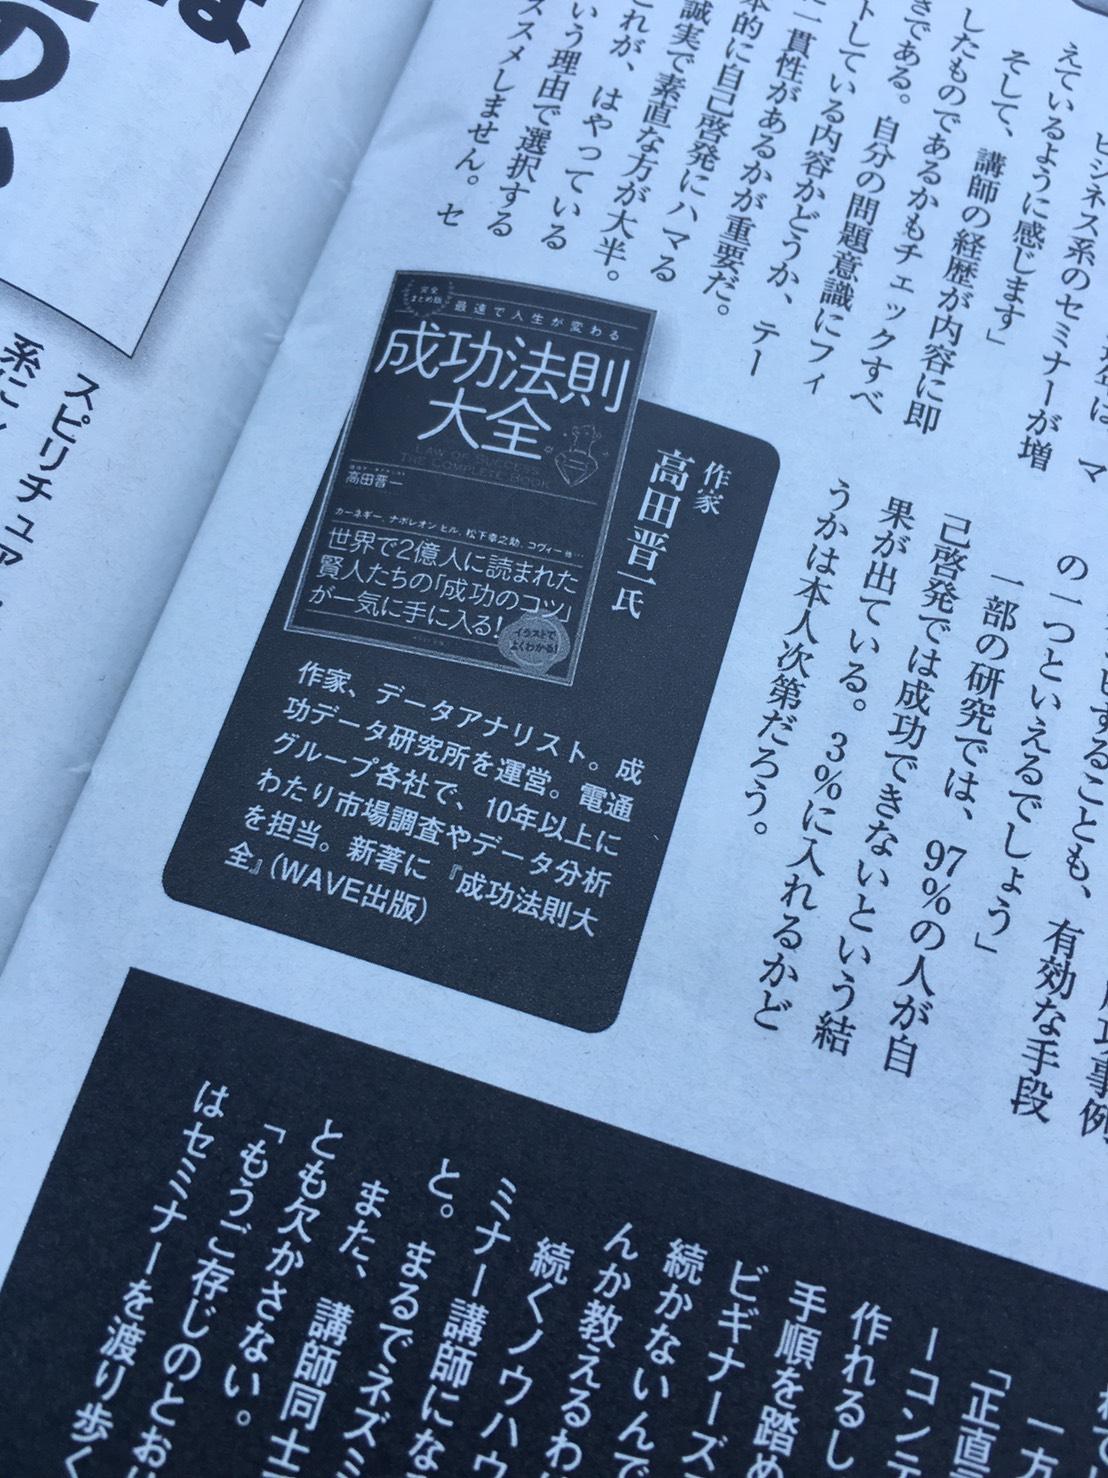 【NEWS】『週刊SPA!』にインタビューが載りました!